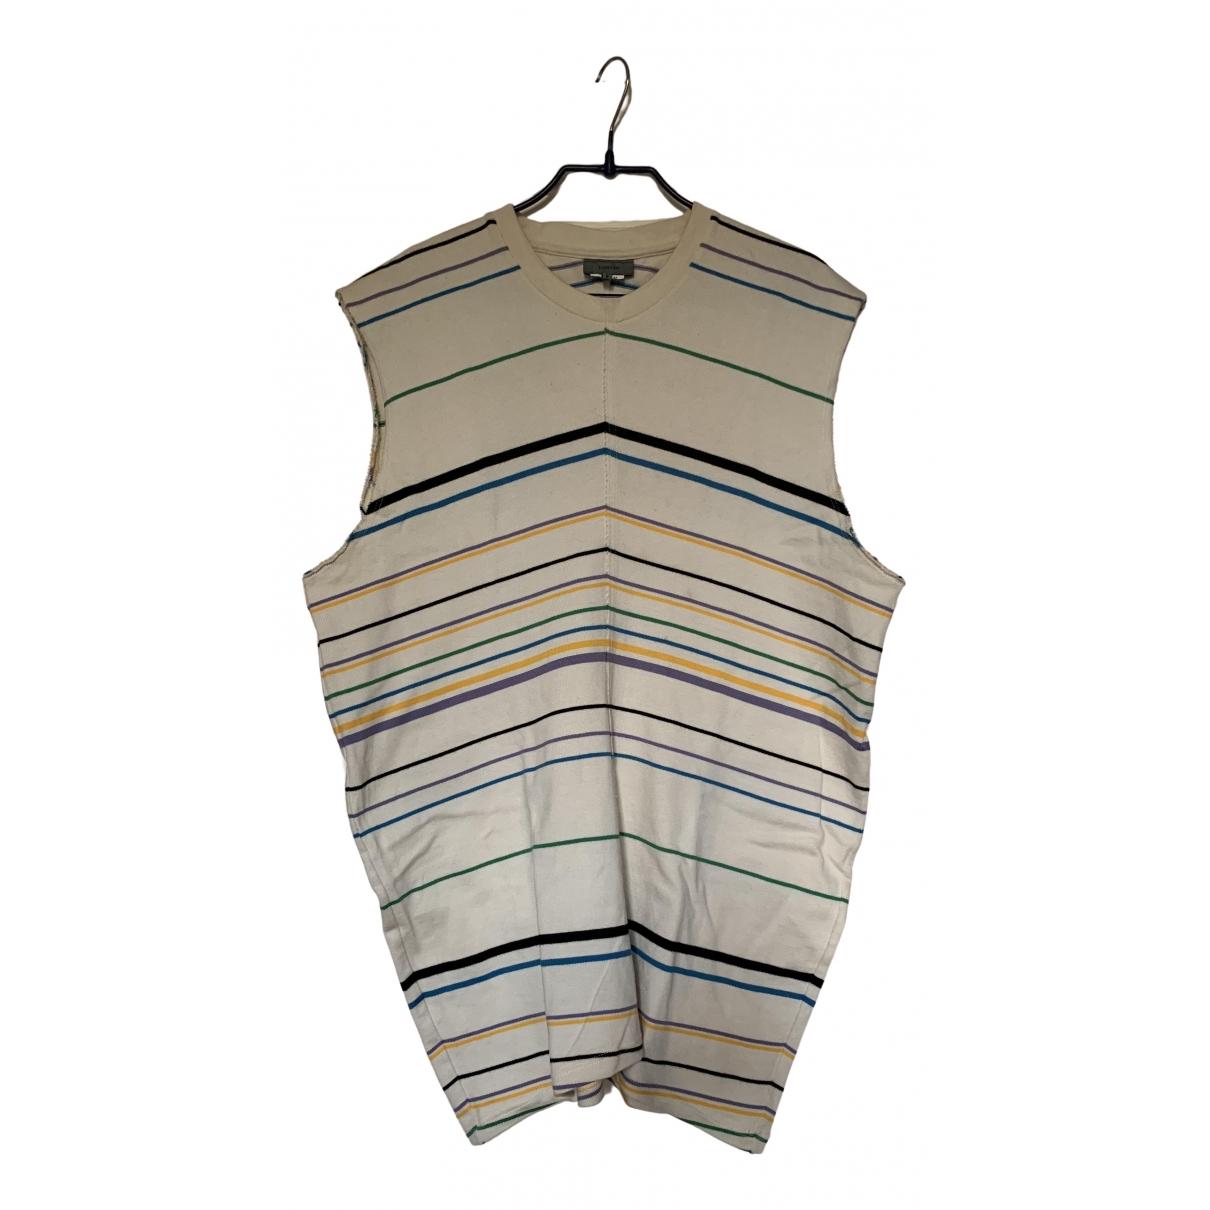 Lanvin \N Ecru Cotton Knitwear & Sweatshirts for Men S International